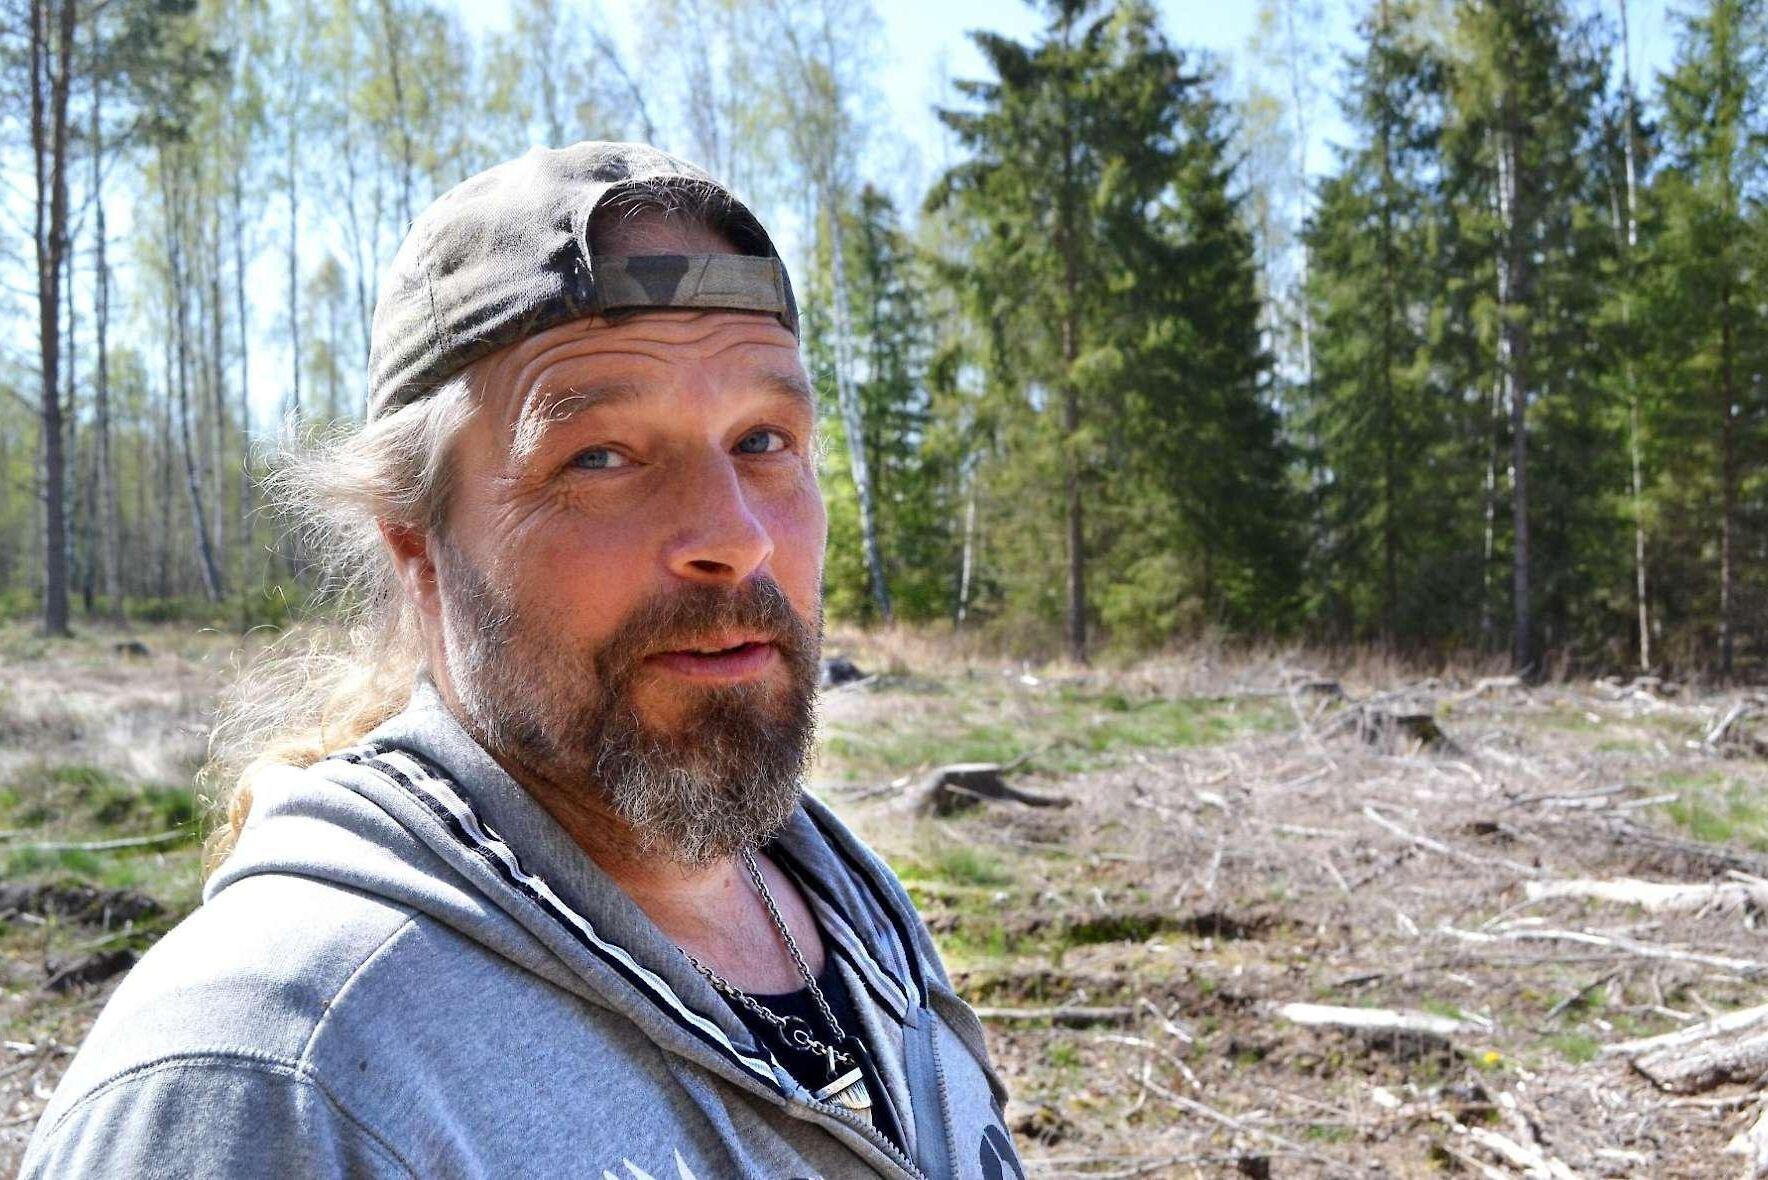 Vid avverkning på grannfastigheten gick Sveaskog över gränsen in på hans mark, anser Marcus Werjefeldt, i Hjo.